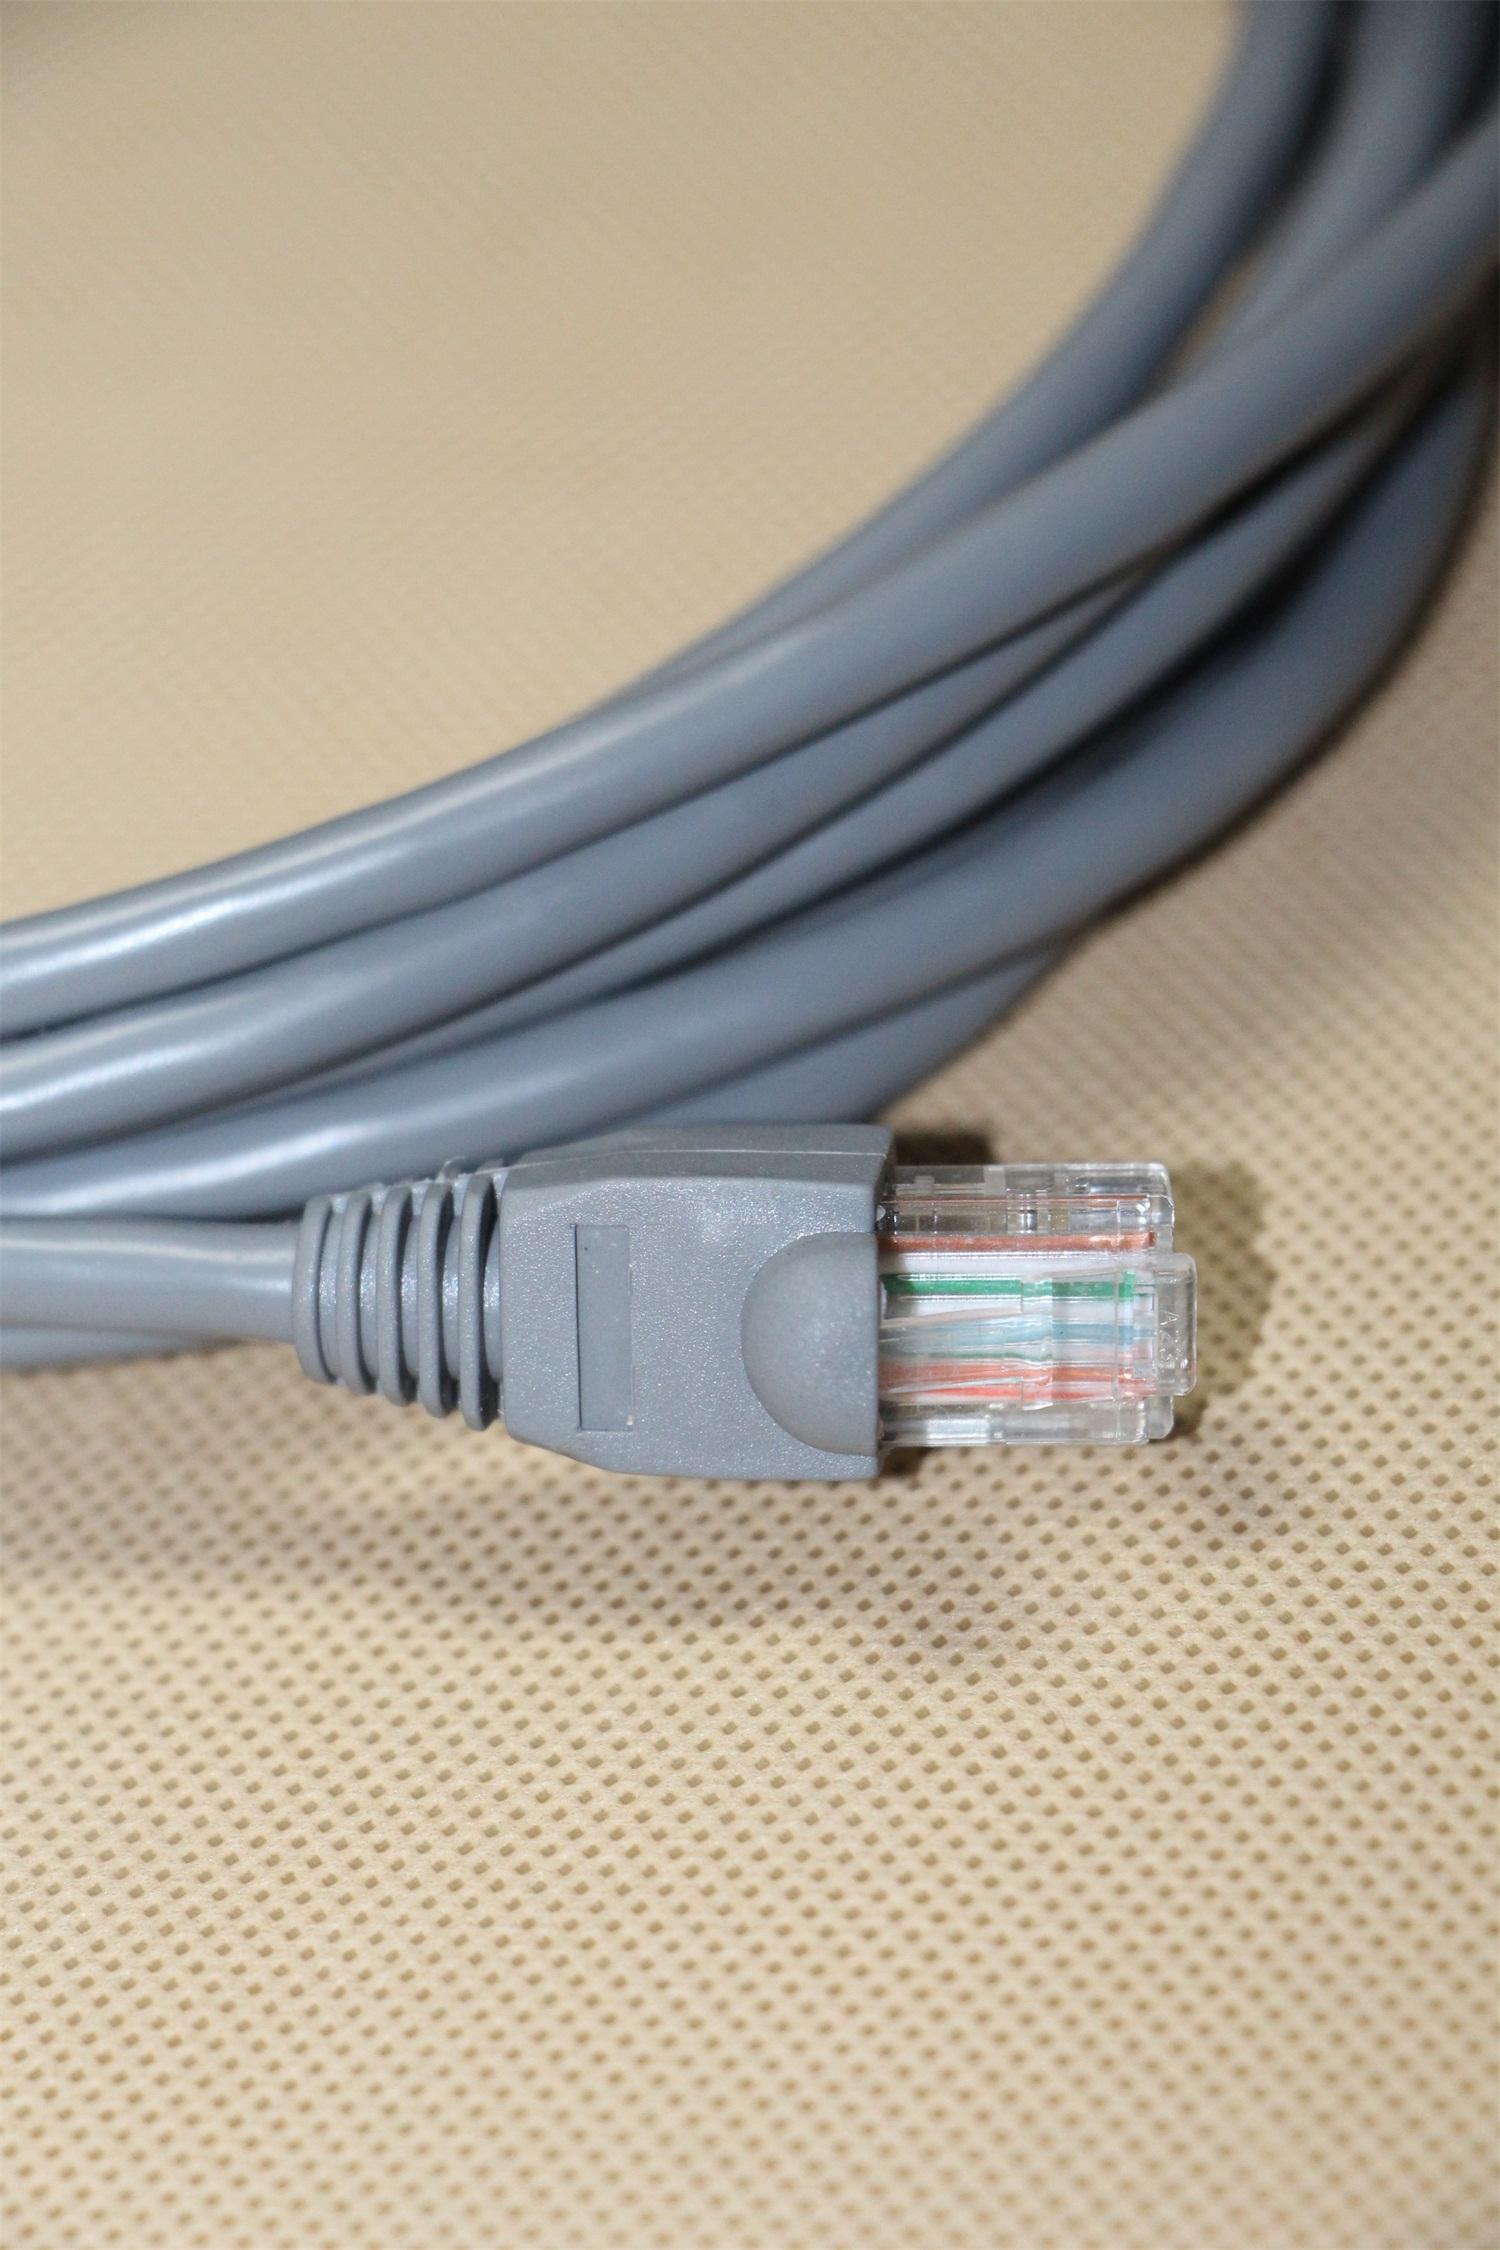 超六类非屏蔽网络跳线